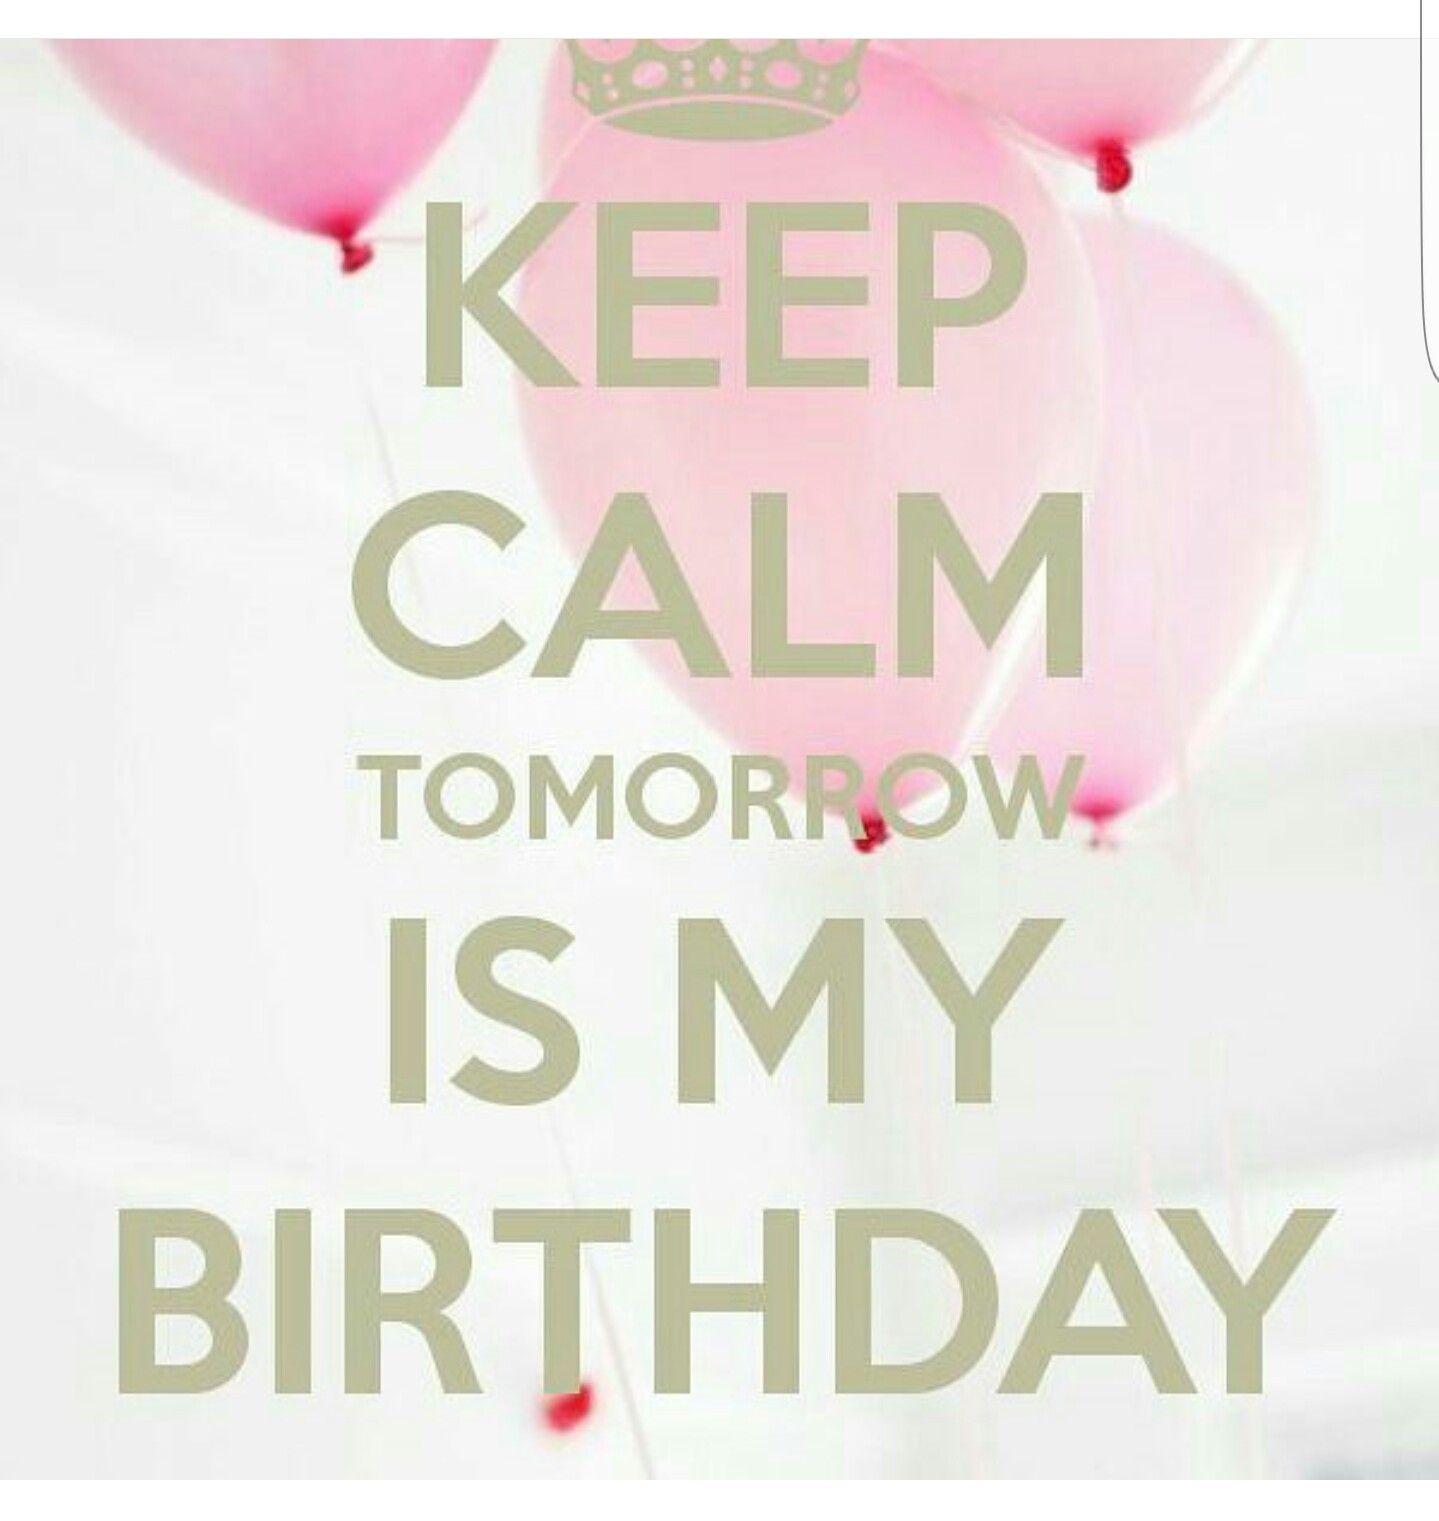 Birthdays birthdays Pinterest